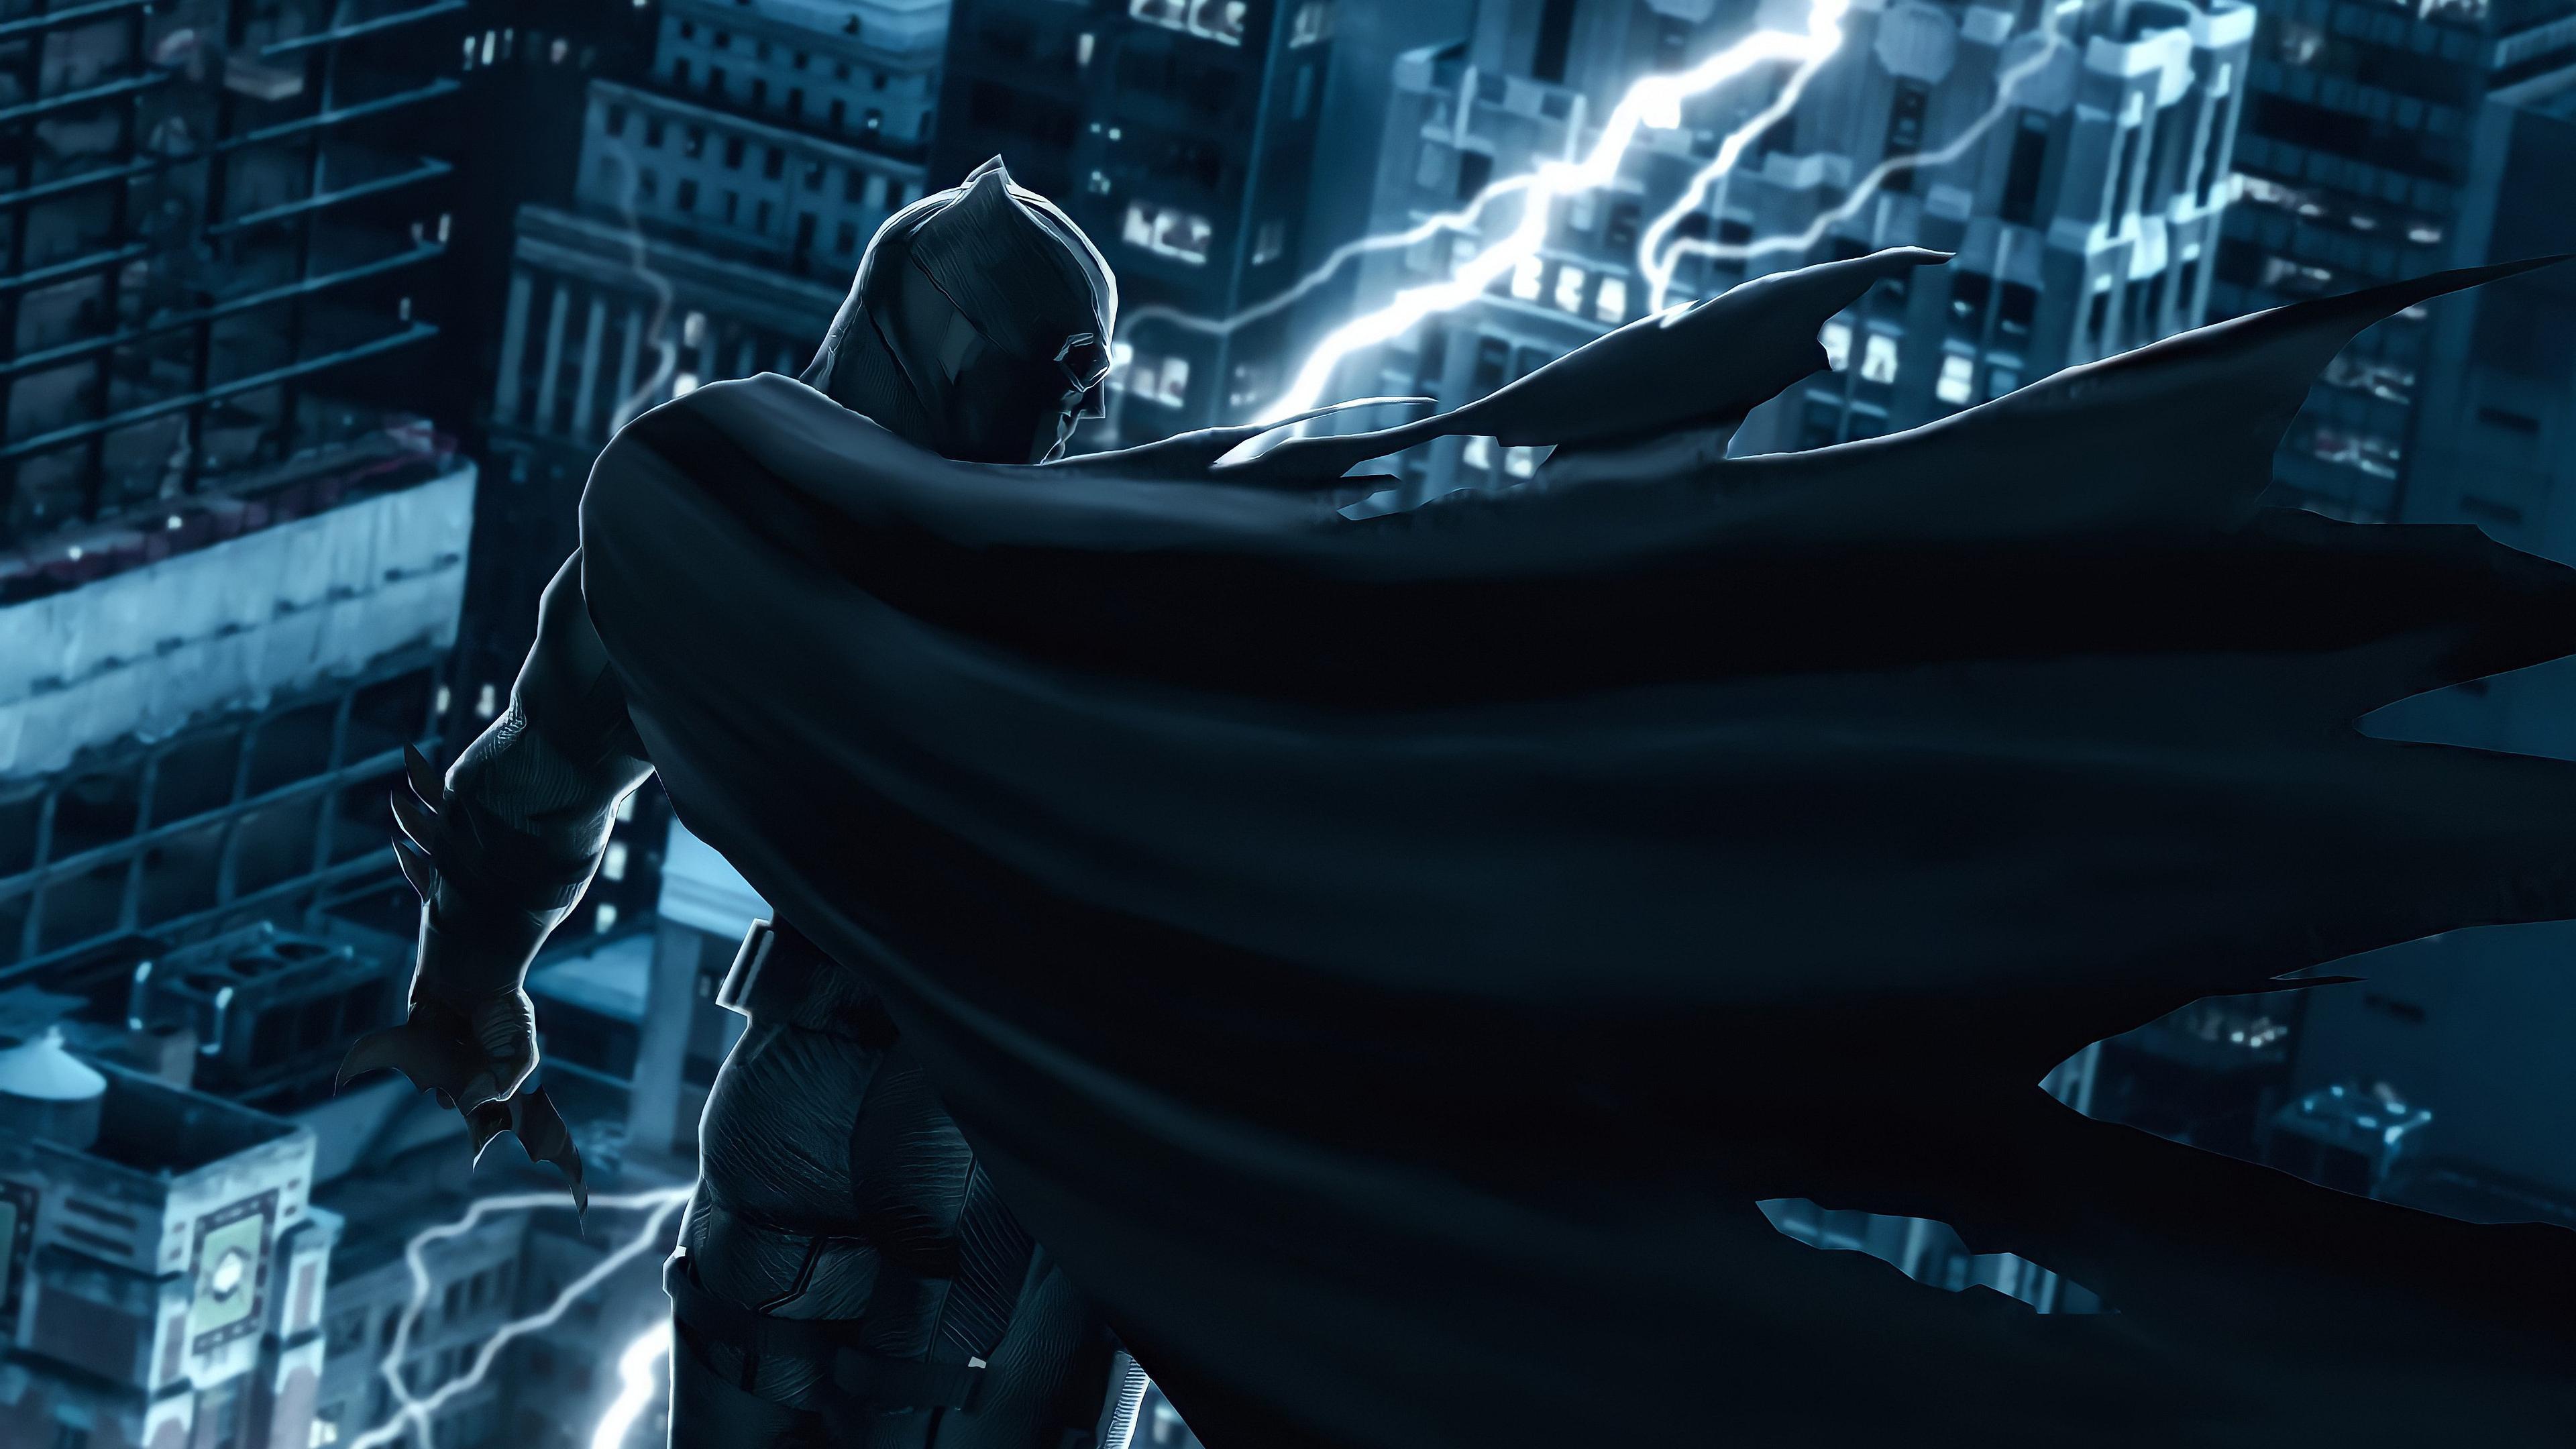 city of batman 4k 1616957151 - City Of Batman 4k - City Of Batman 4k wallpapers